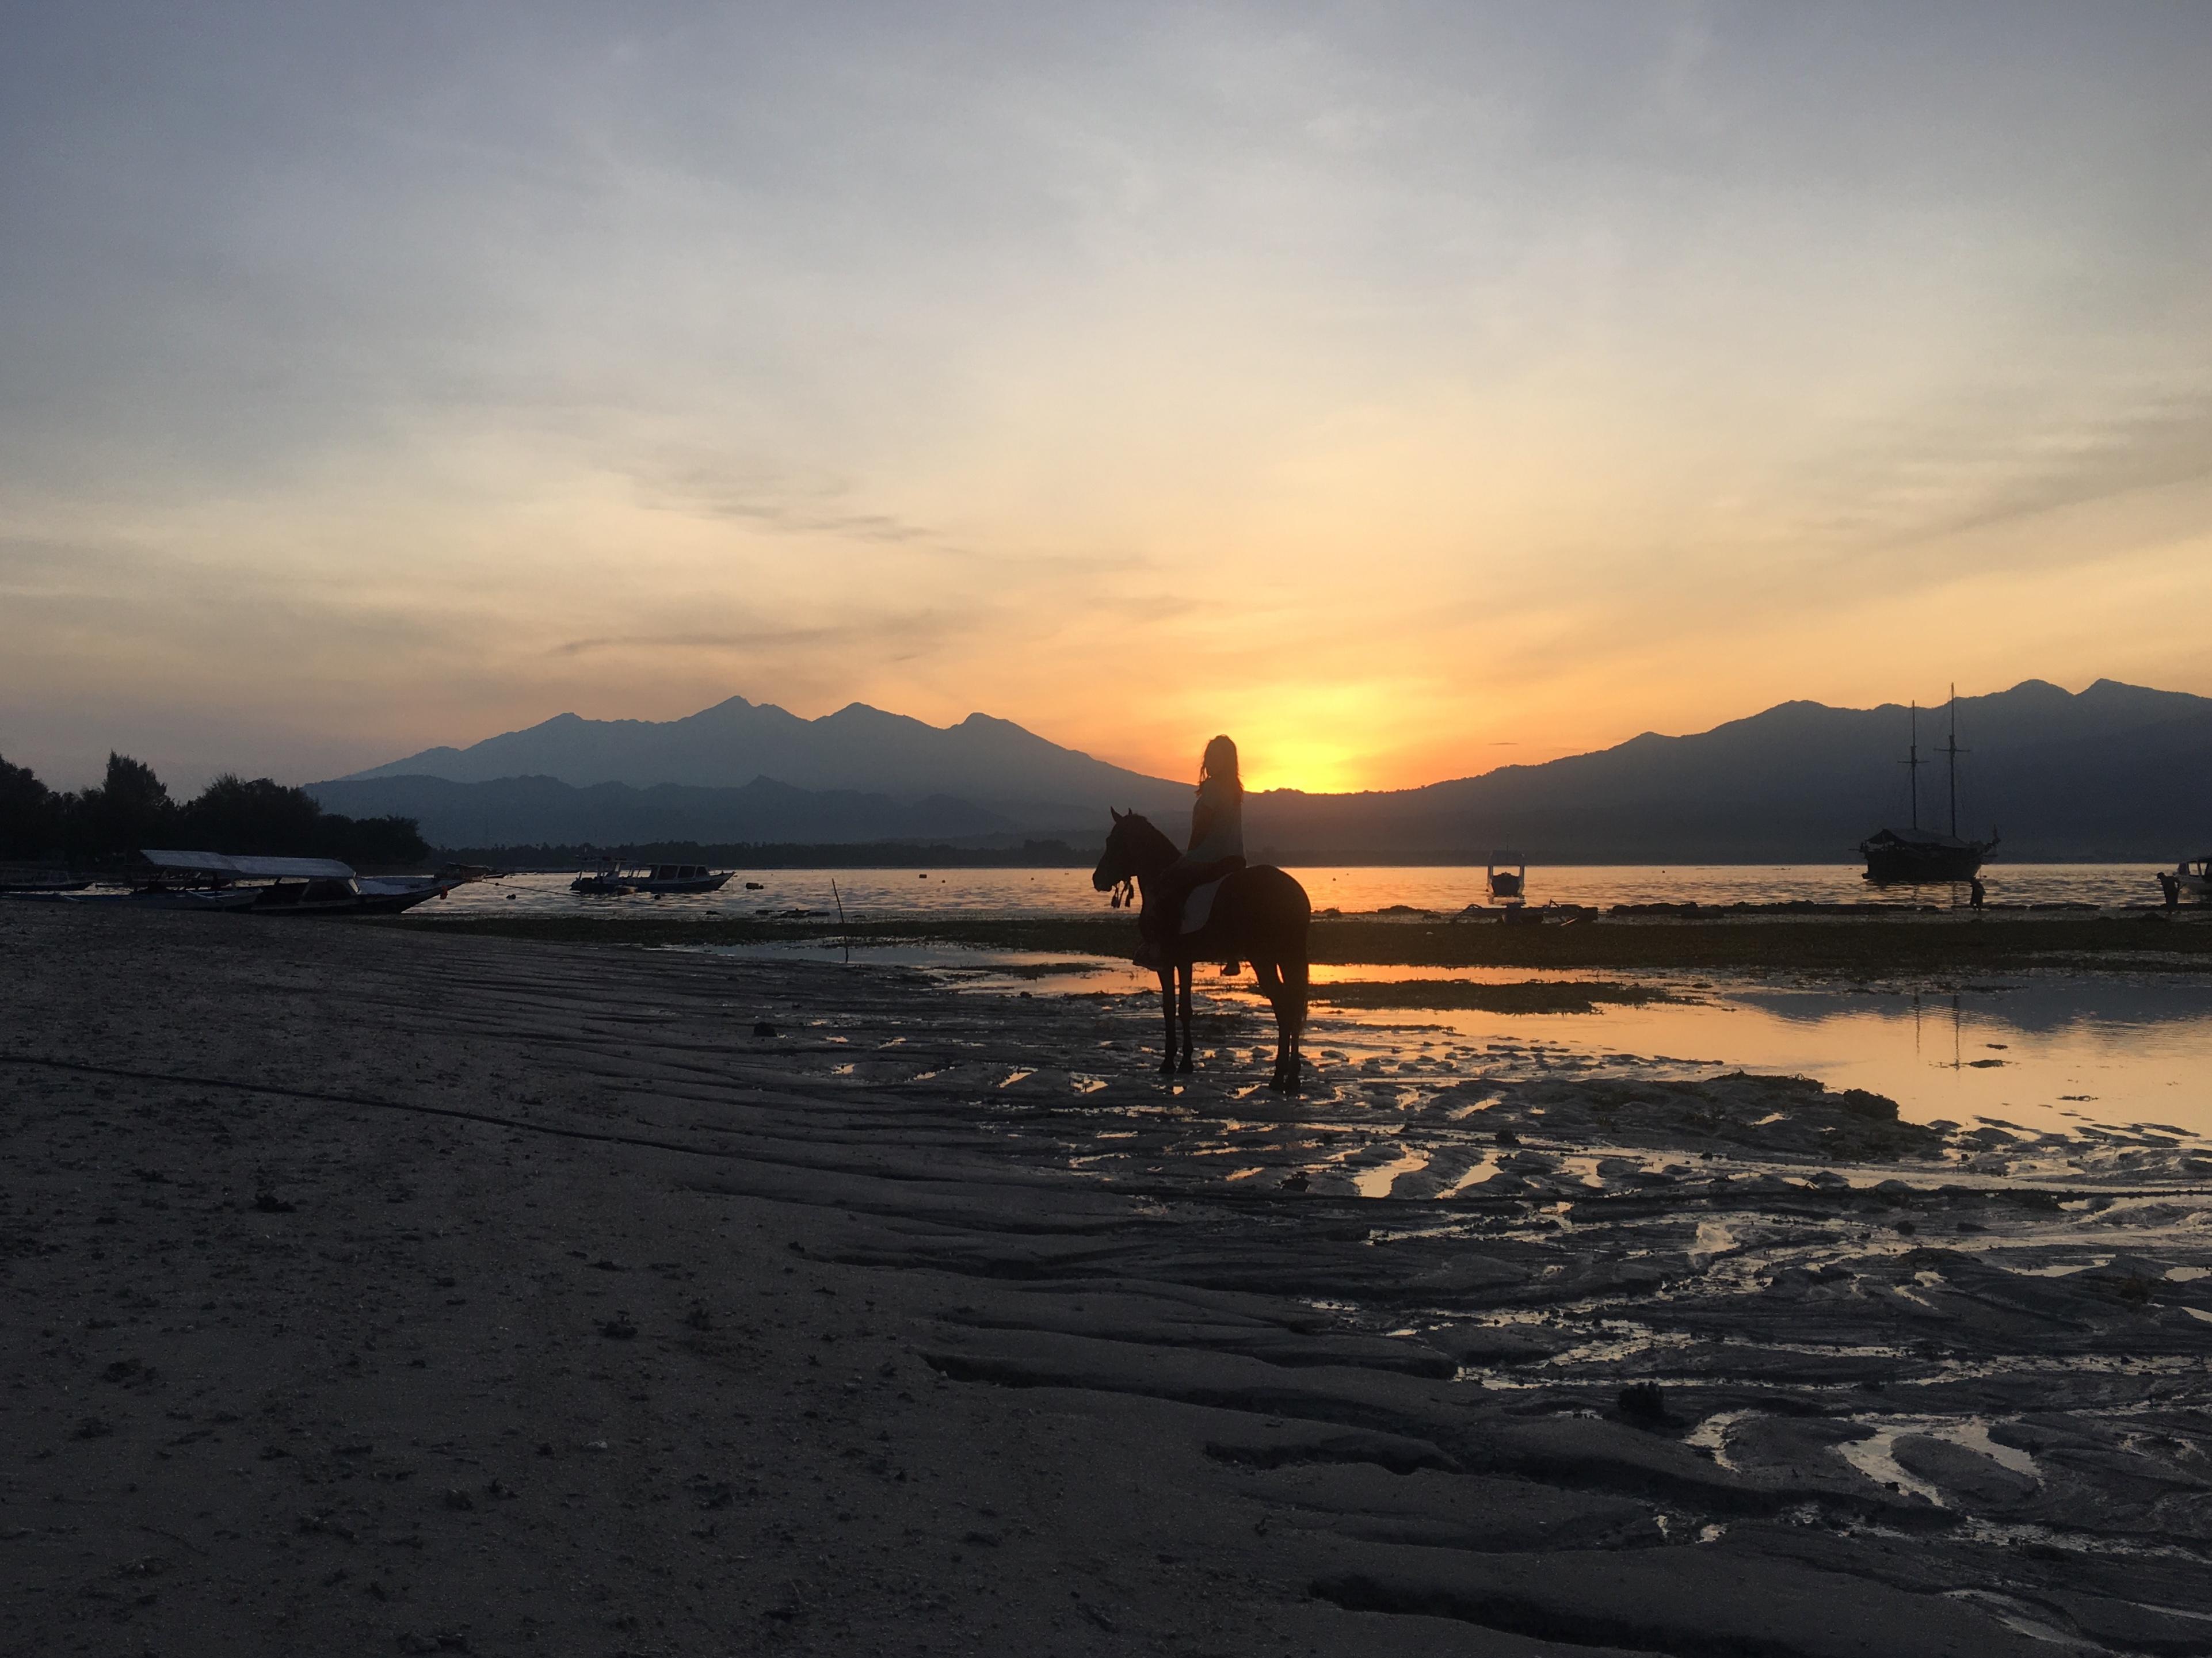 Gili eilanden, sunset, paardrijden